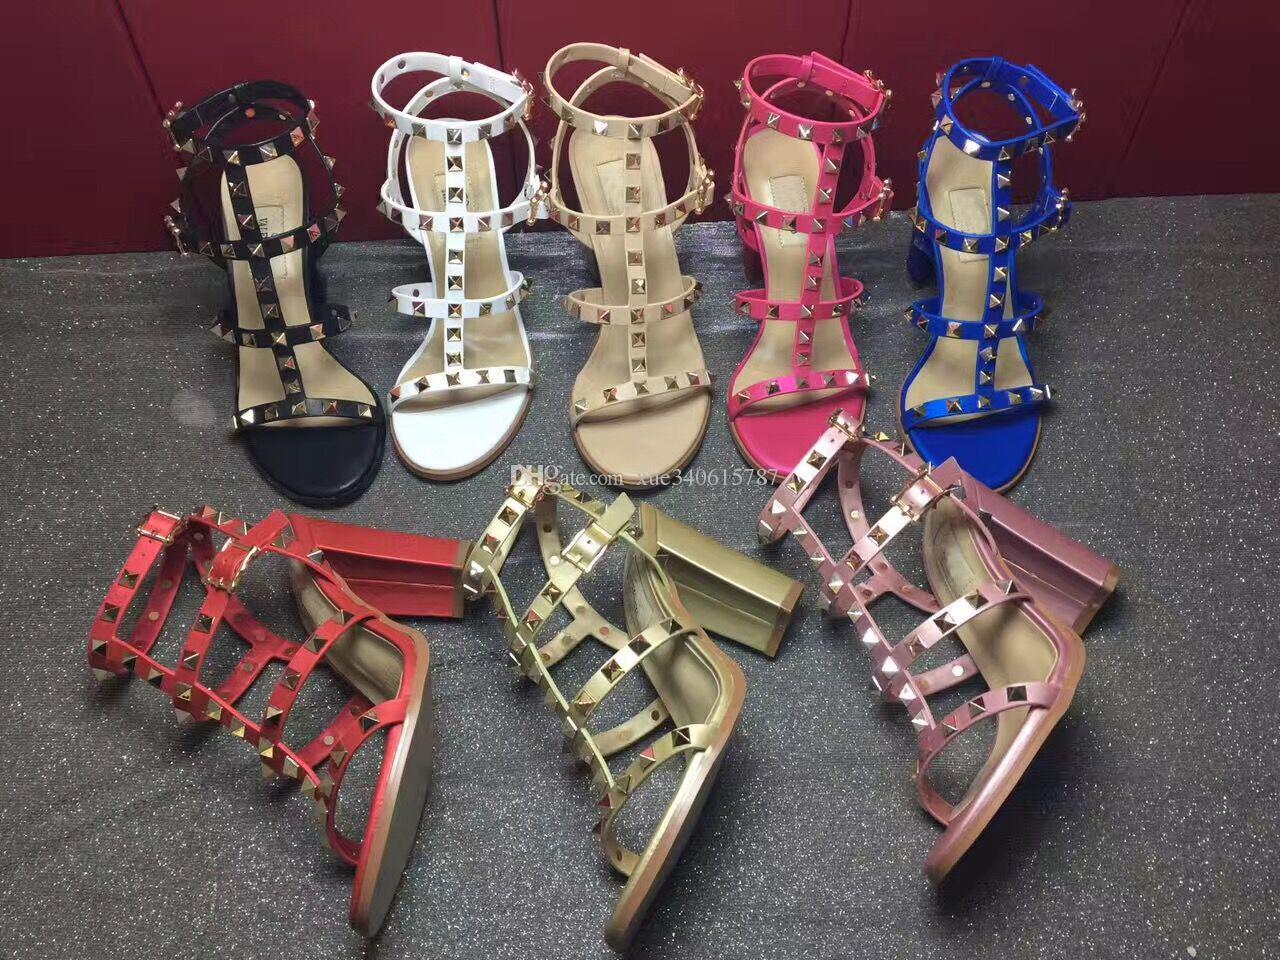 Mais novo 2019 estilo de design da marca de Couro Mulheres Sandálias Stud Slingback Bombas Senhoras Sexy de Salto Alto 9.5 cm Moda rebites sapatos T-cinta 8 Cores